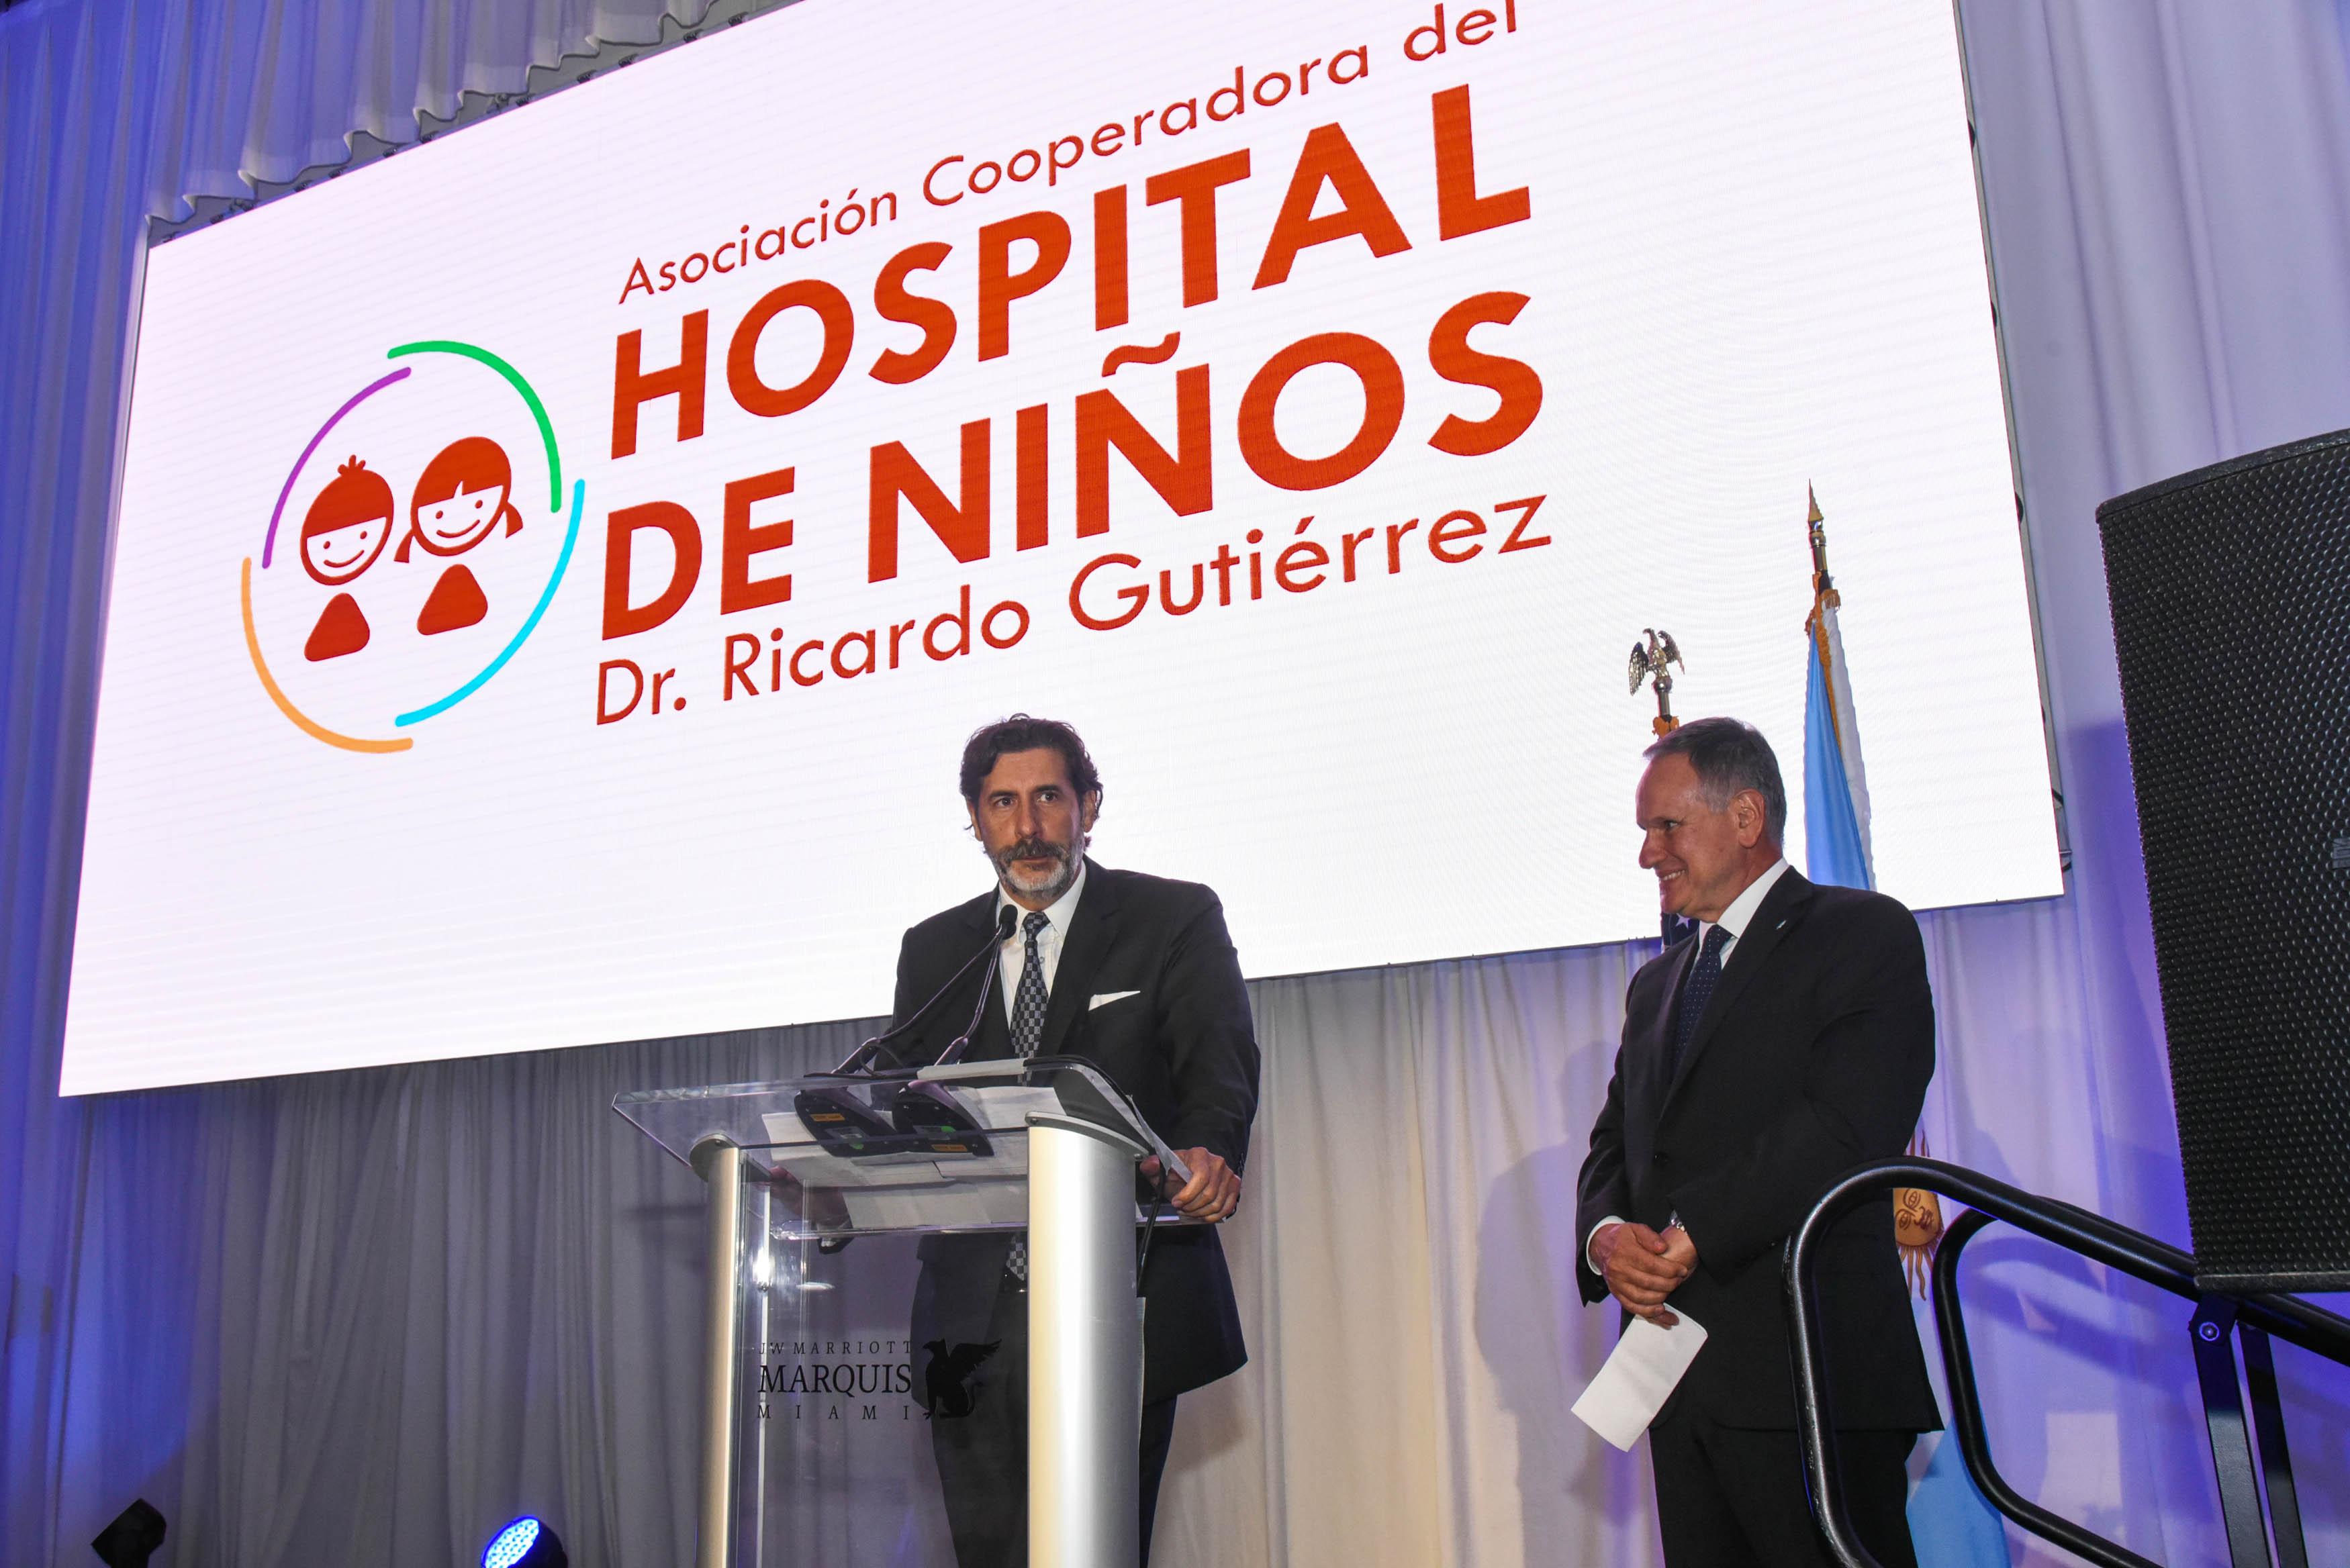 Roberto Macho, Presidente de la AACC y Roberto Alvarez Roldan, de la Cooperadora del Hospital de Niños